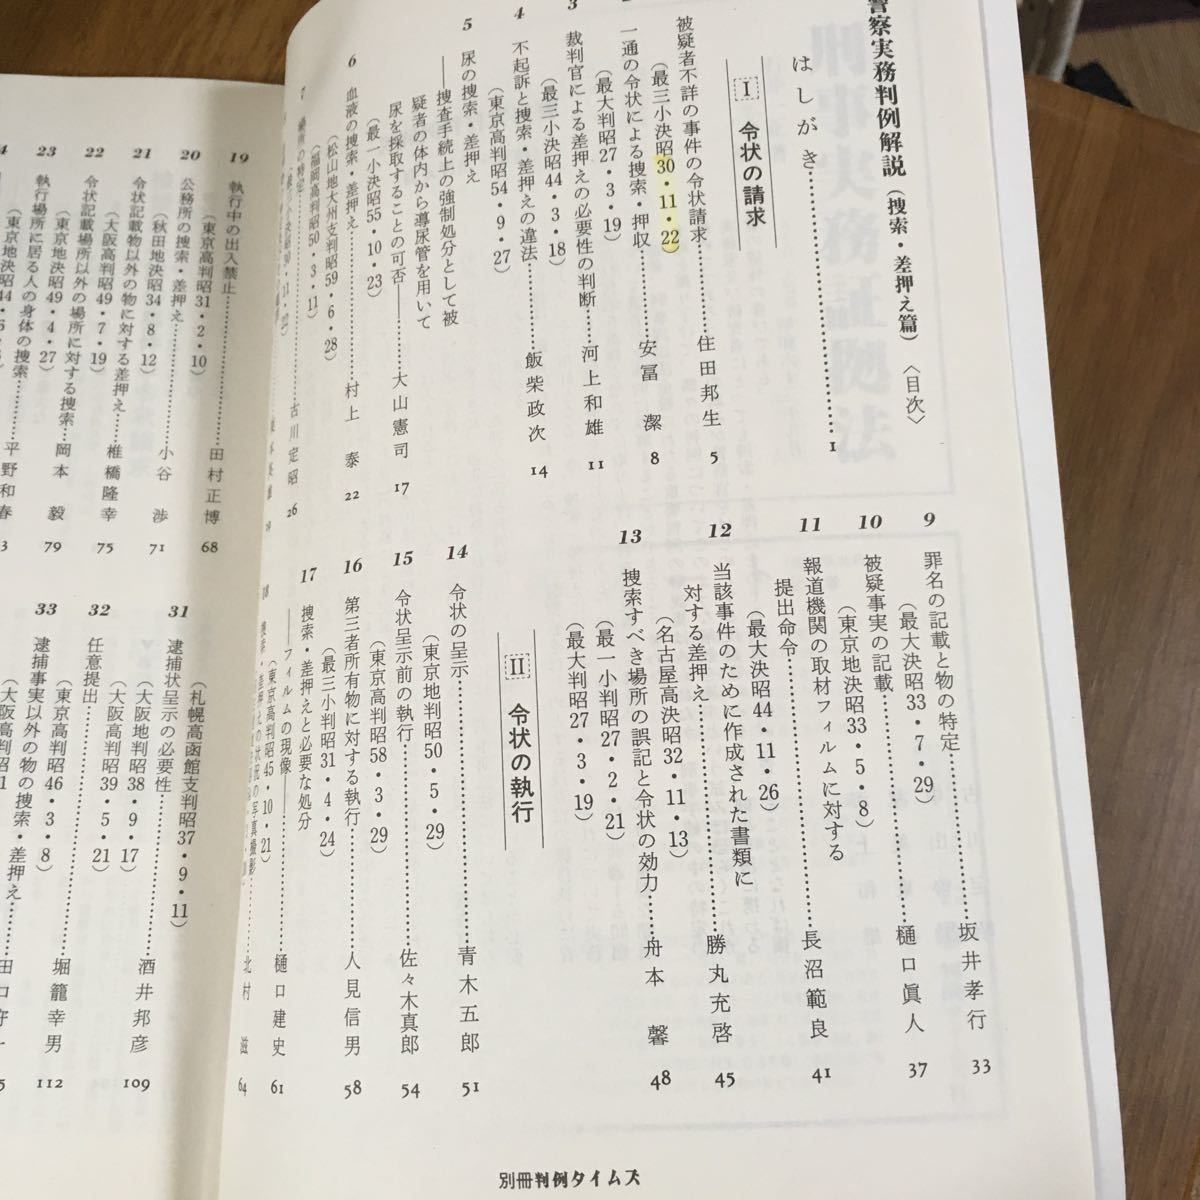 警察実務判例解説 捜索差押え篇 送料込_画像6